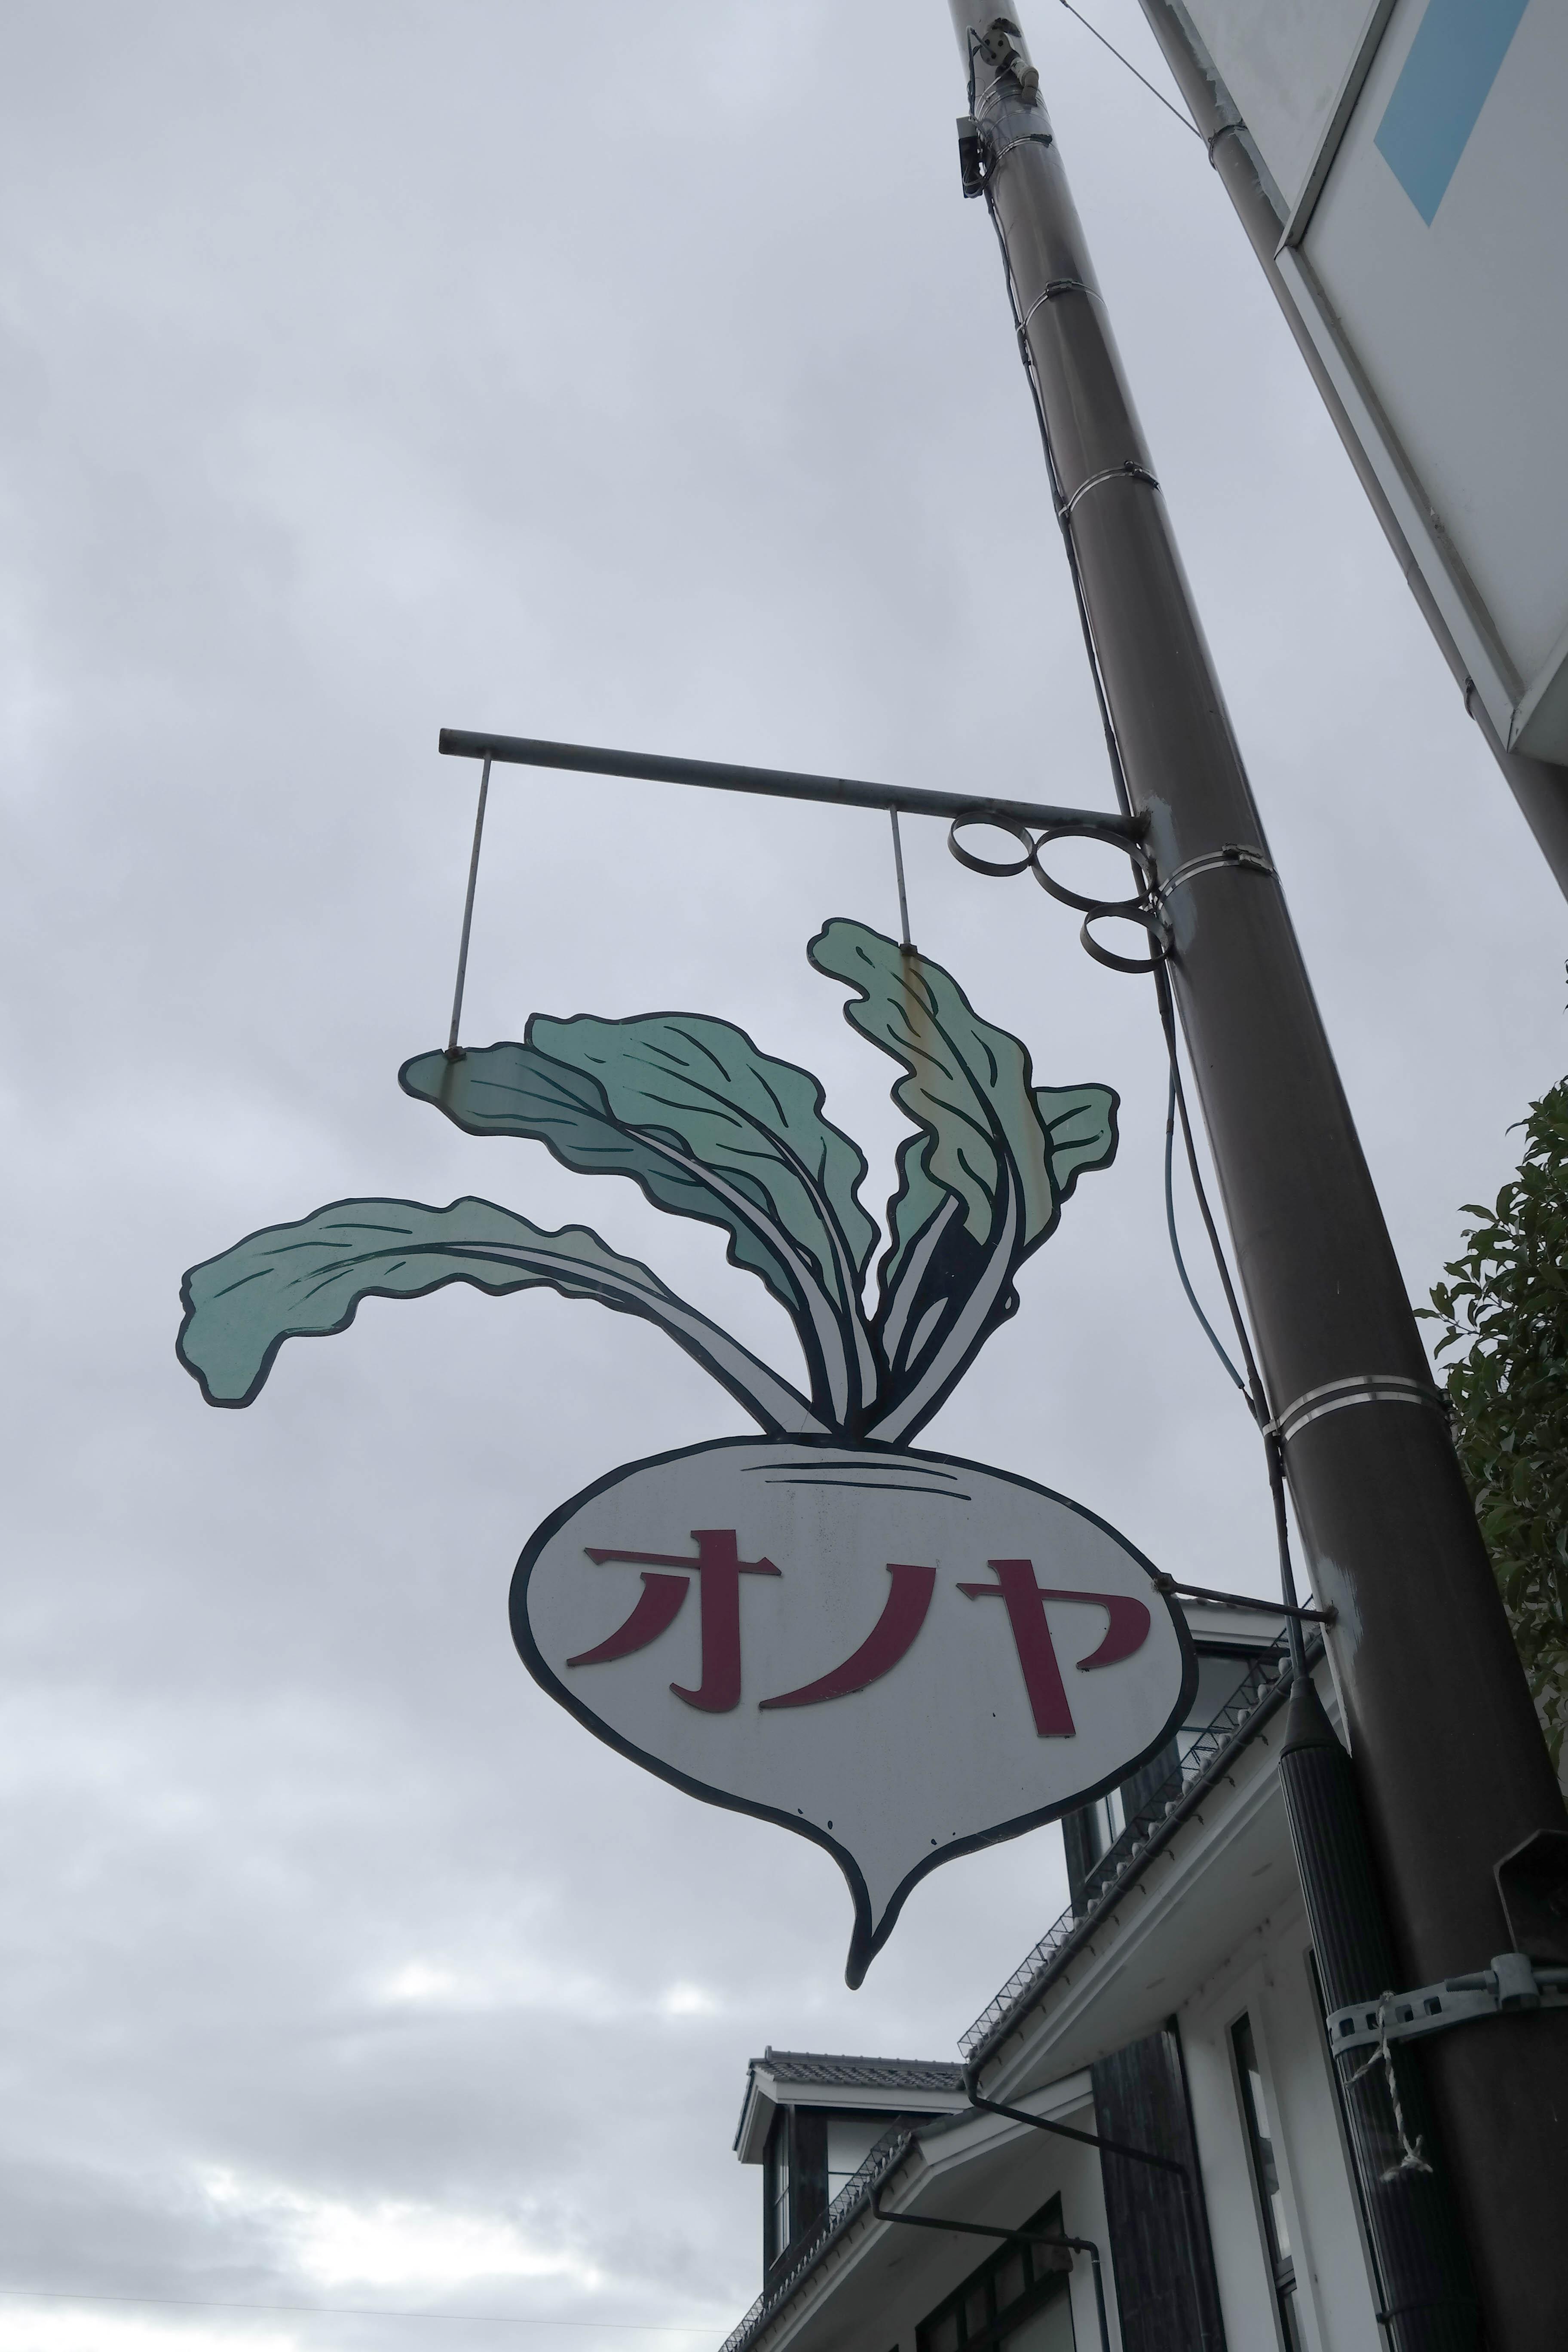 Aizu radish sign